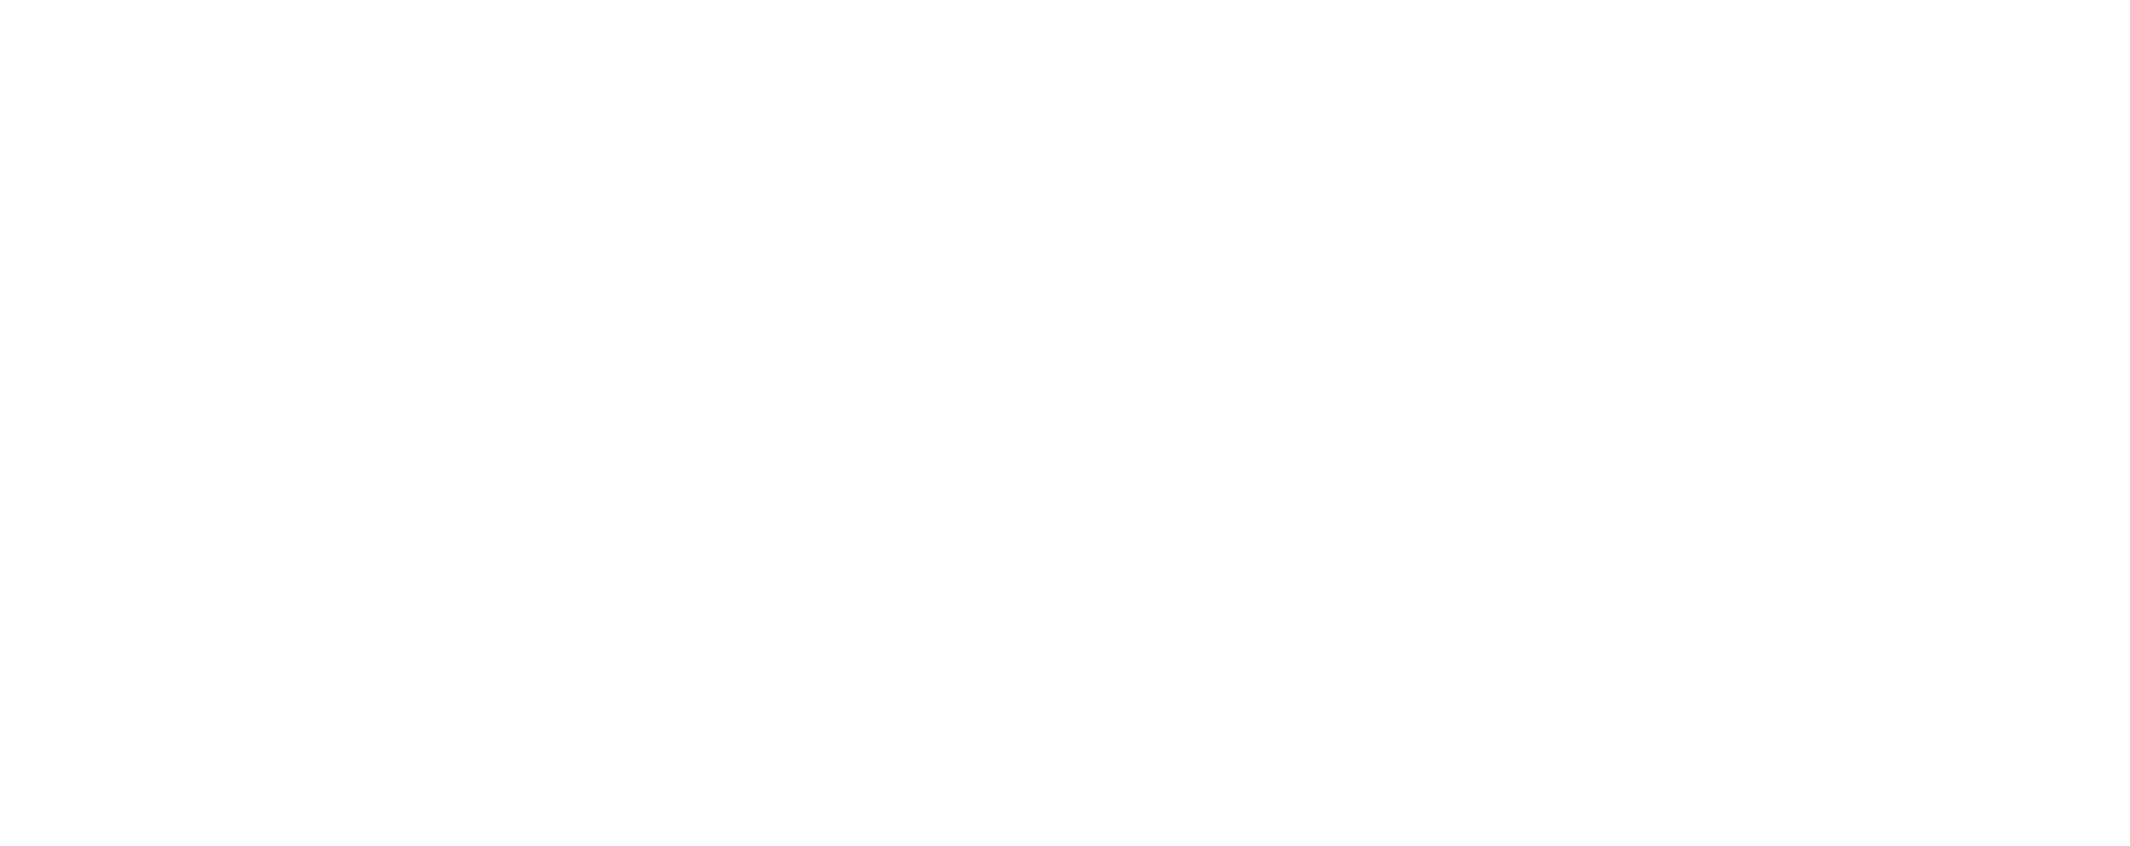 MESSCO